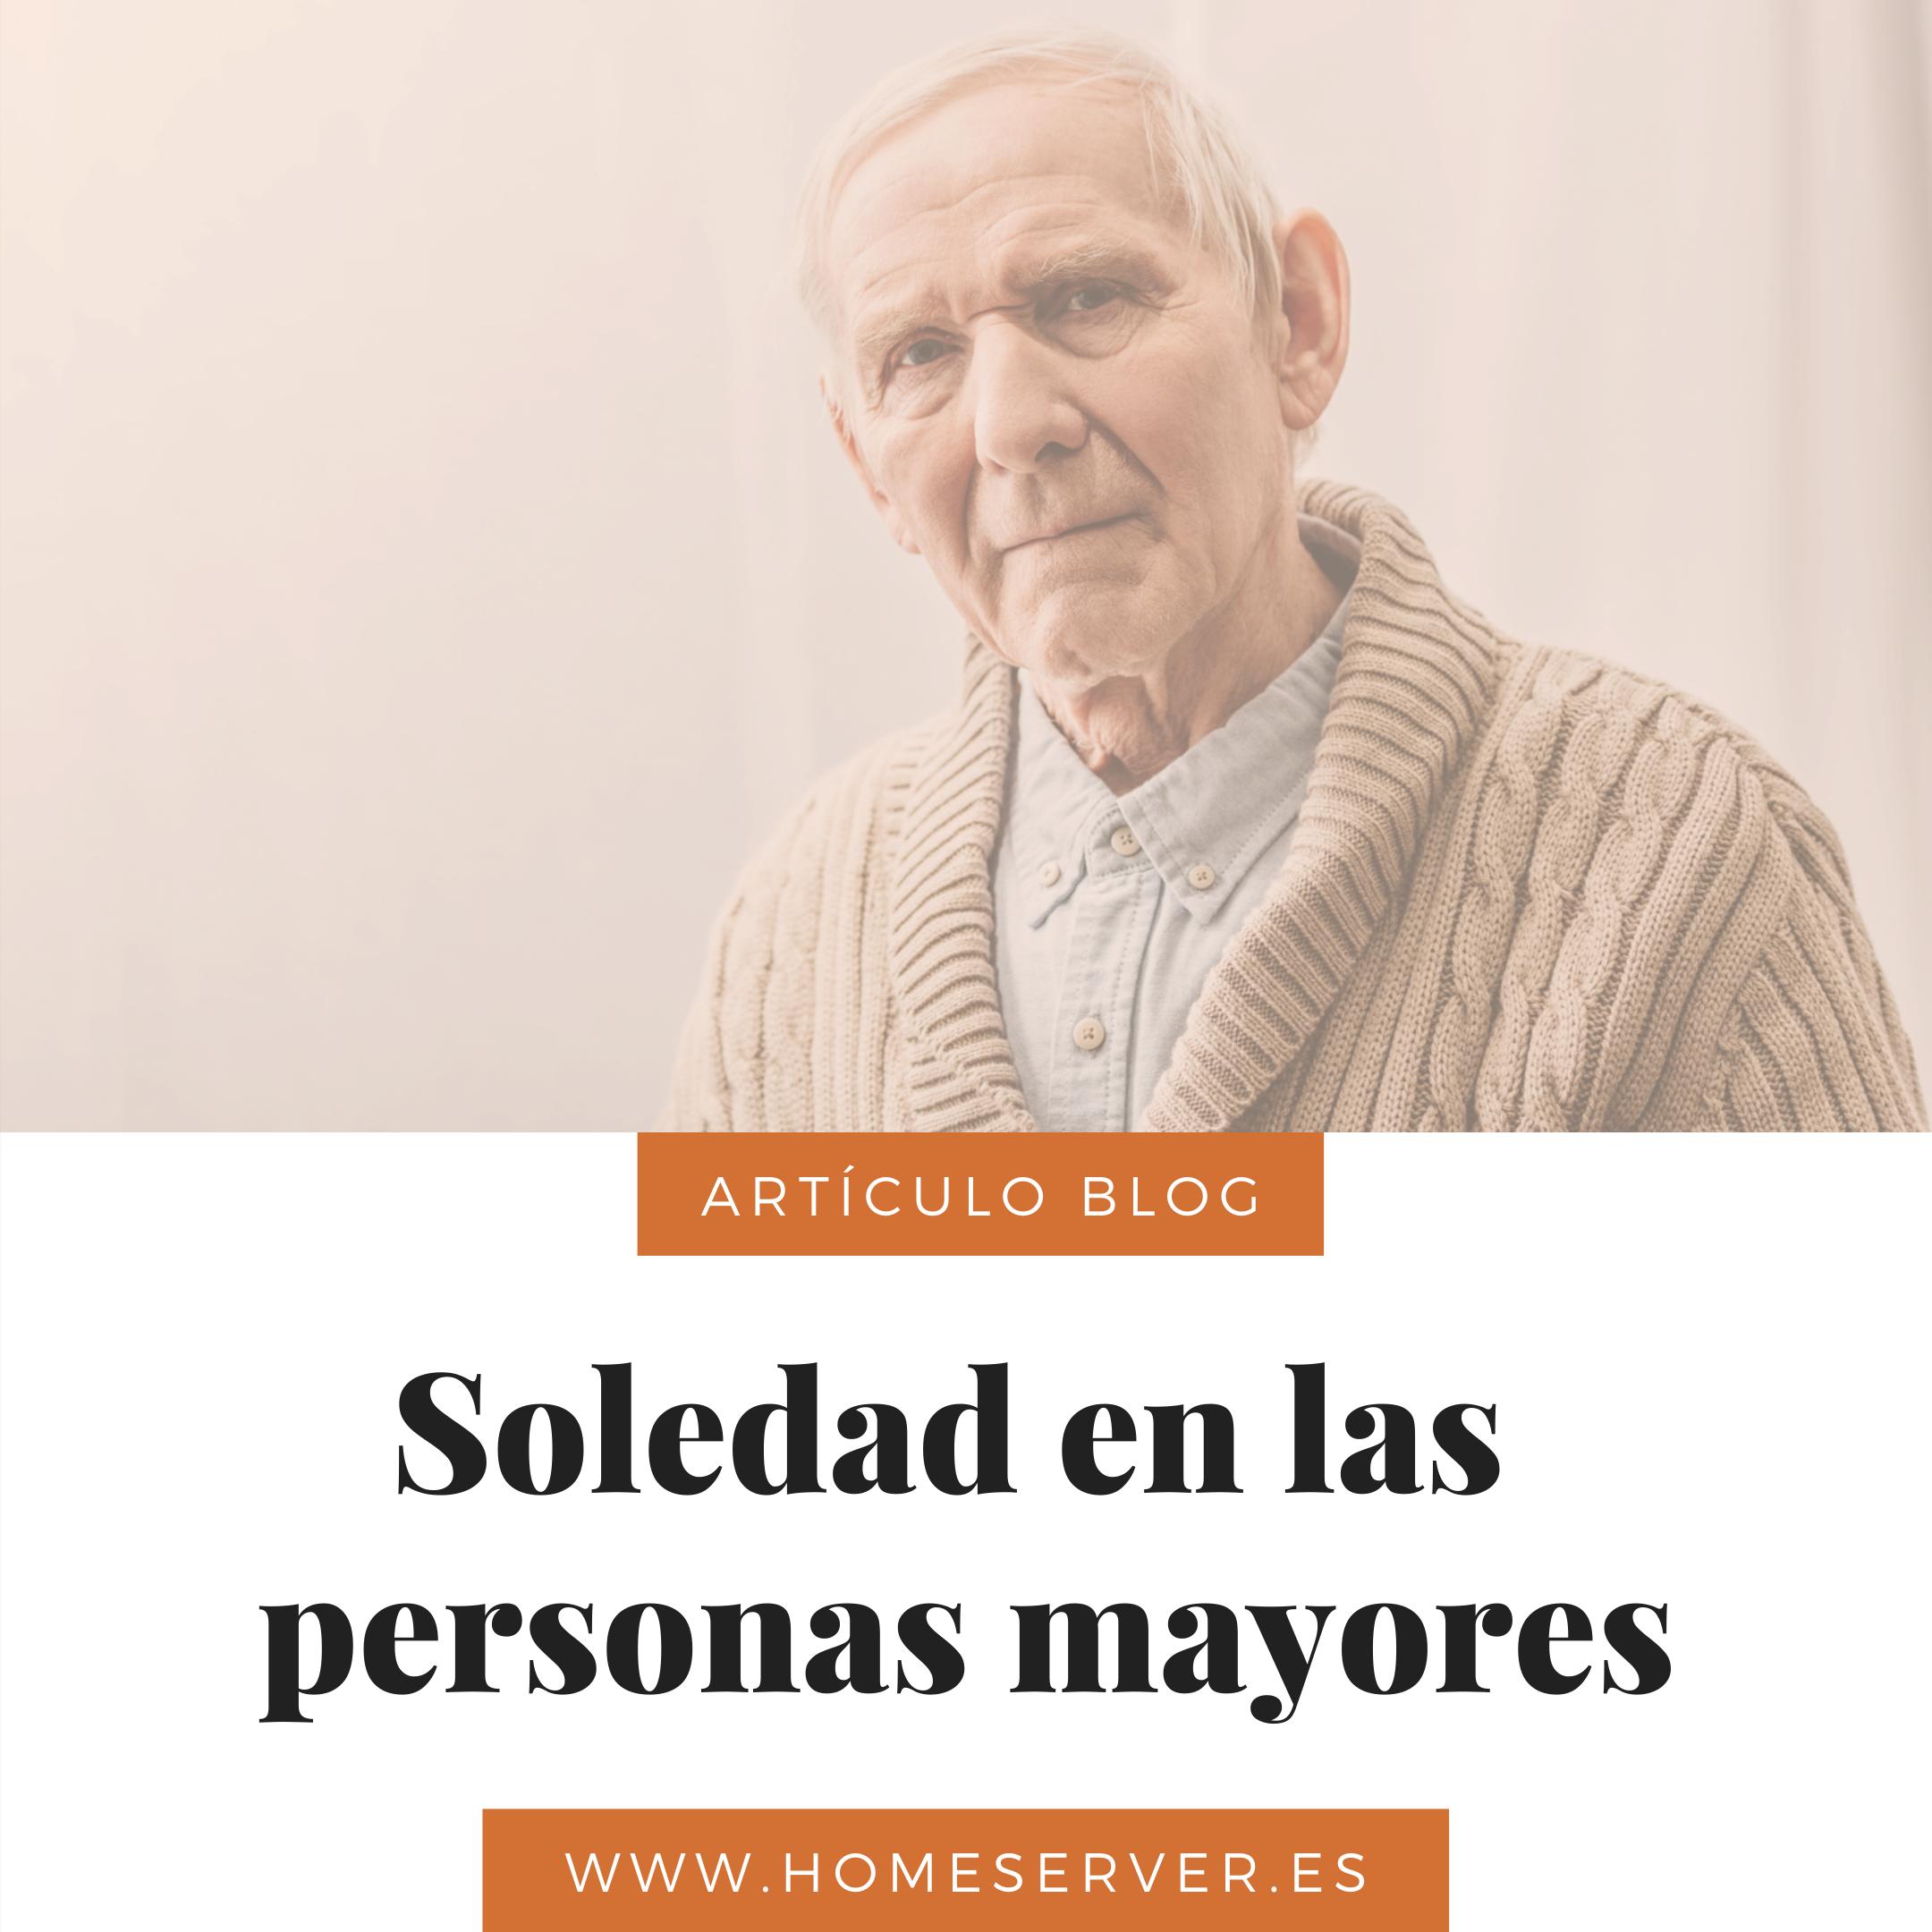 Soledad en las personas mayores